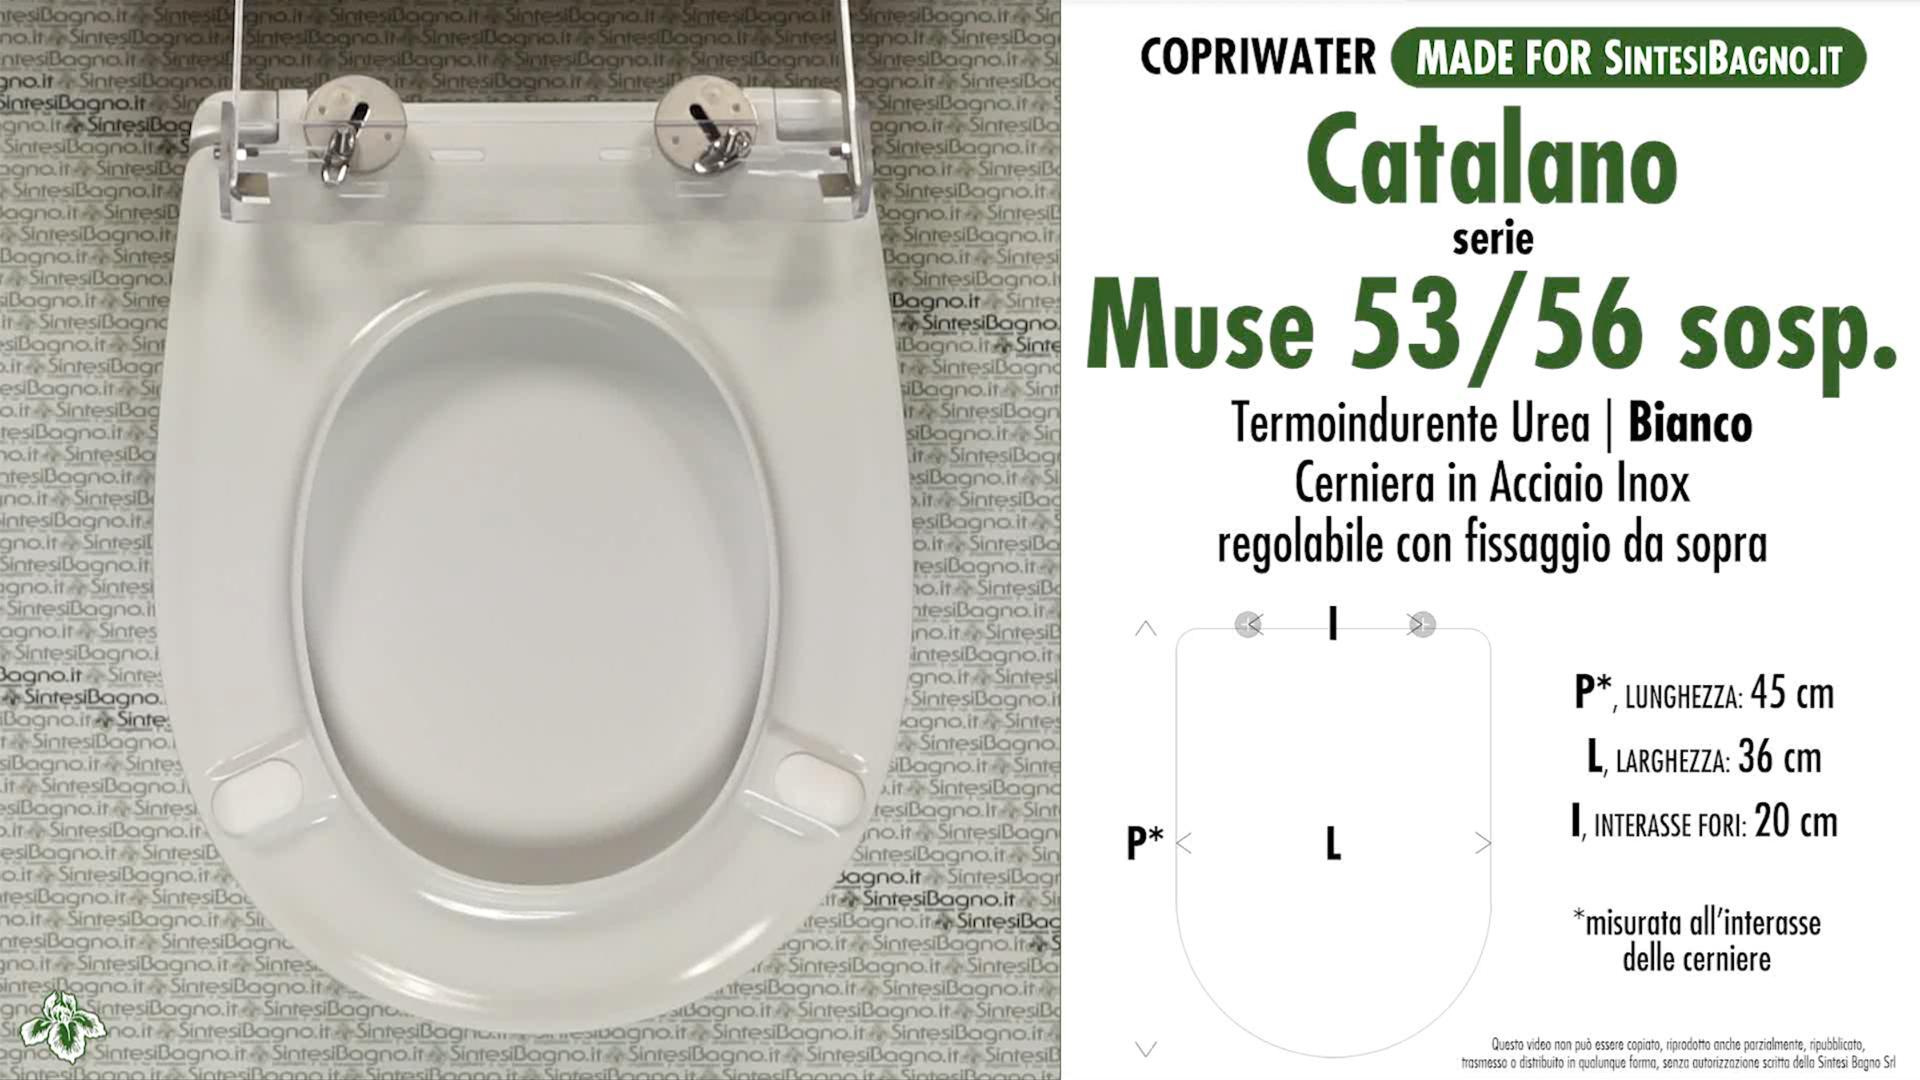 SCHEDA TECNICA MISURE copriwater CATALANO MUSE 53/56